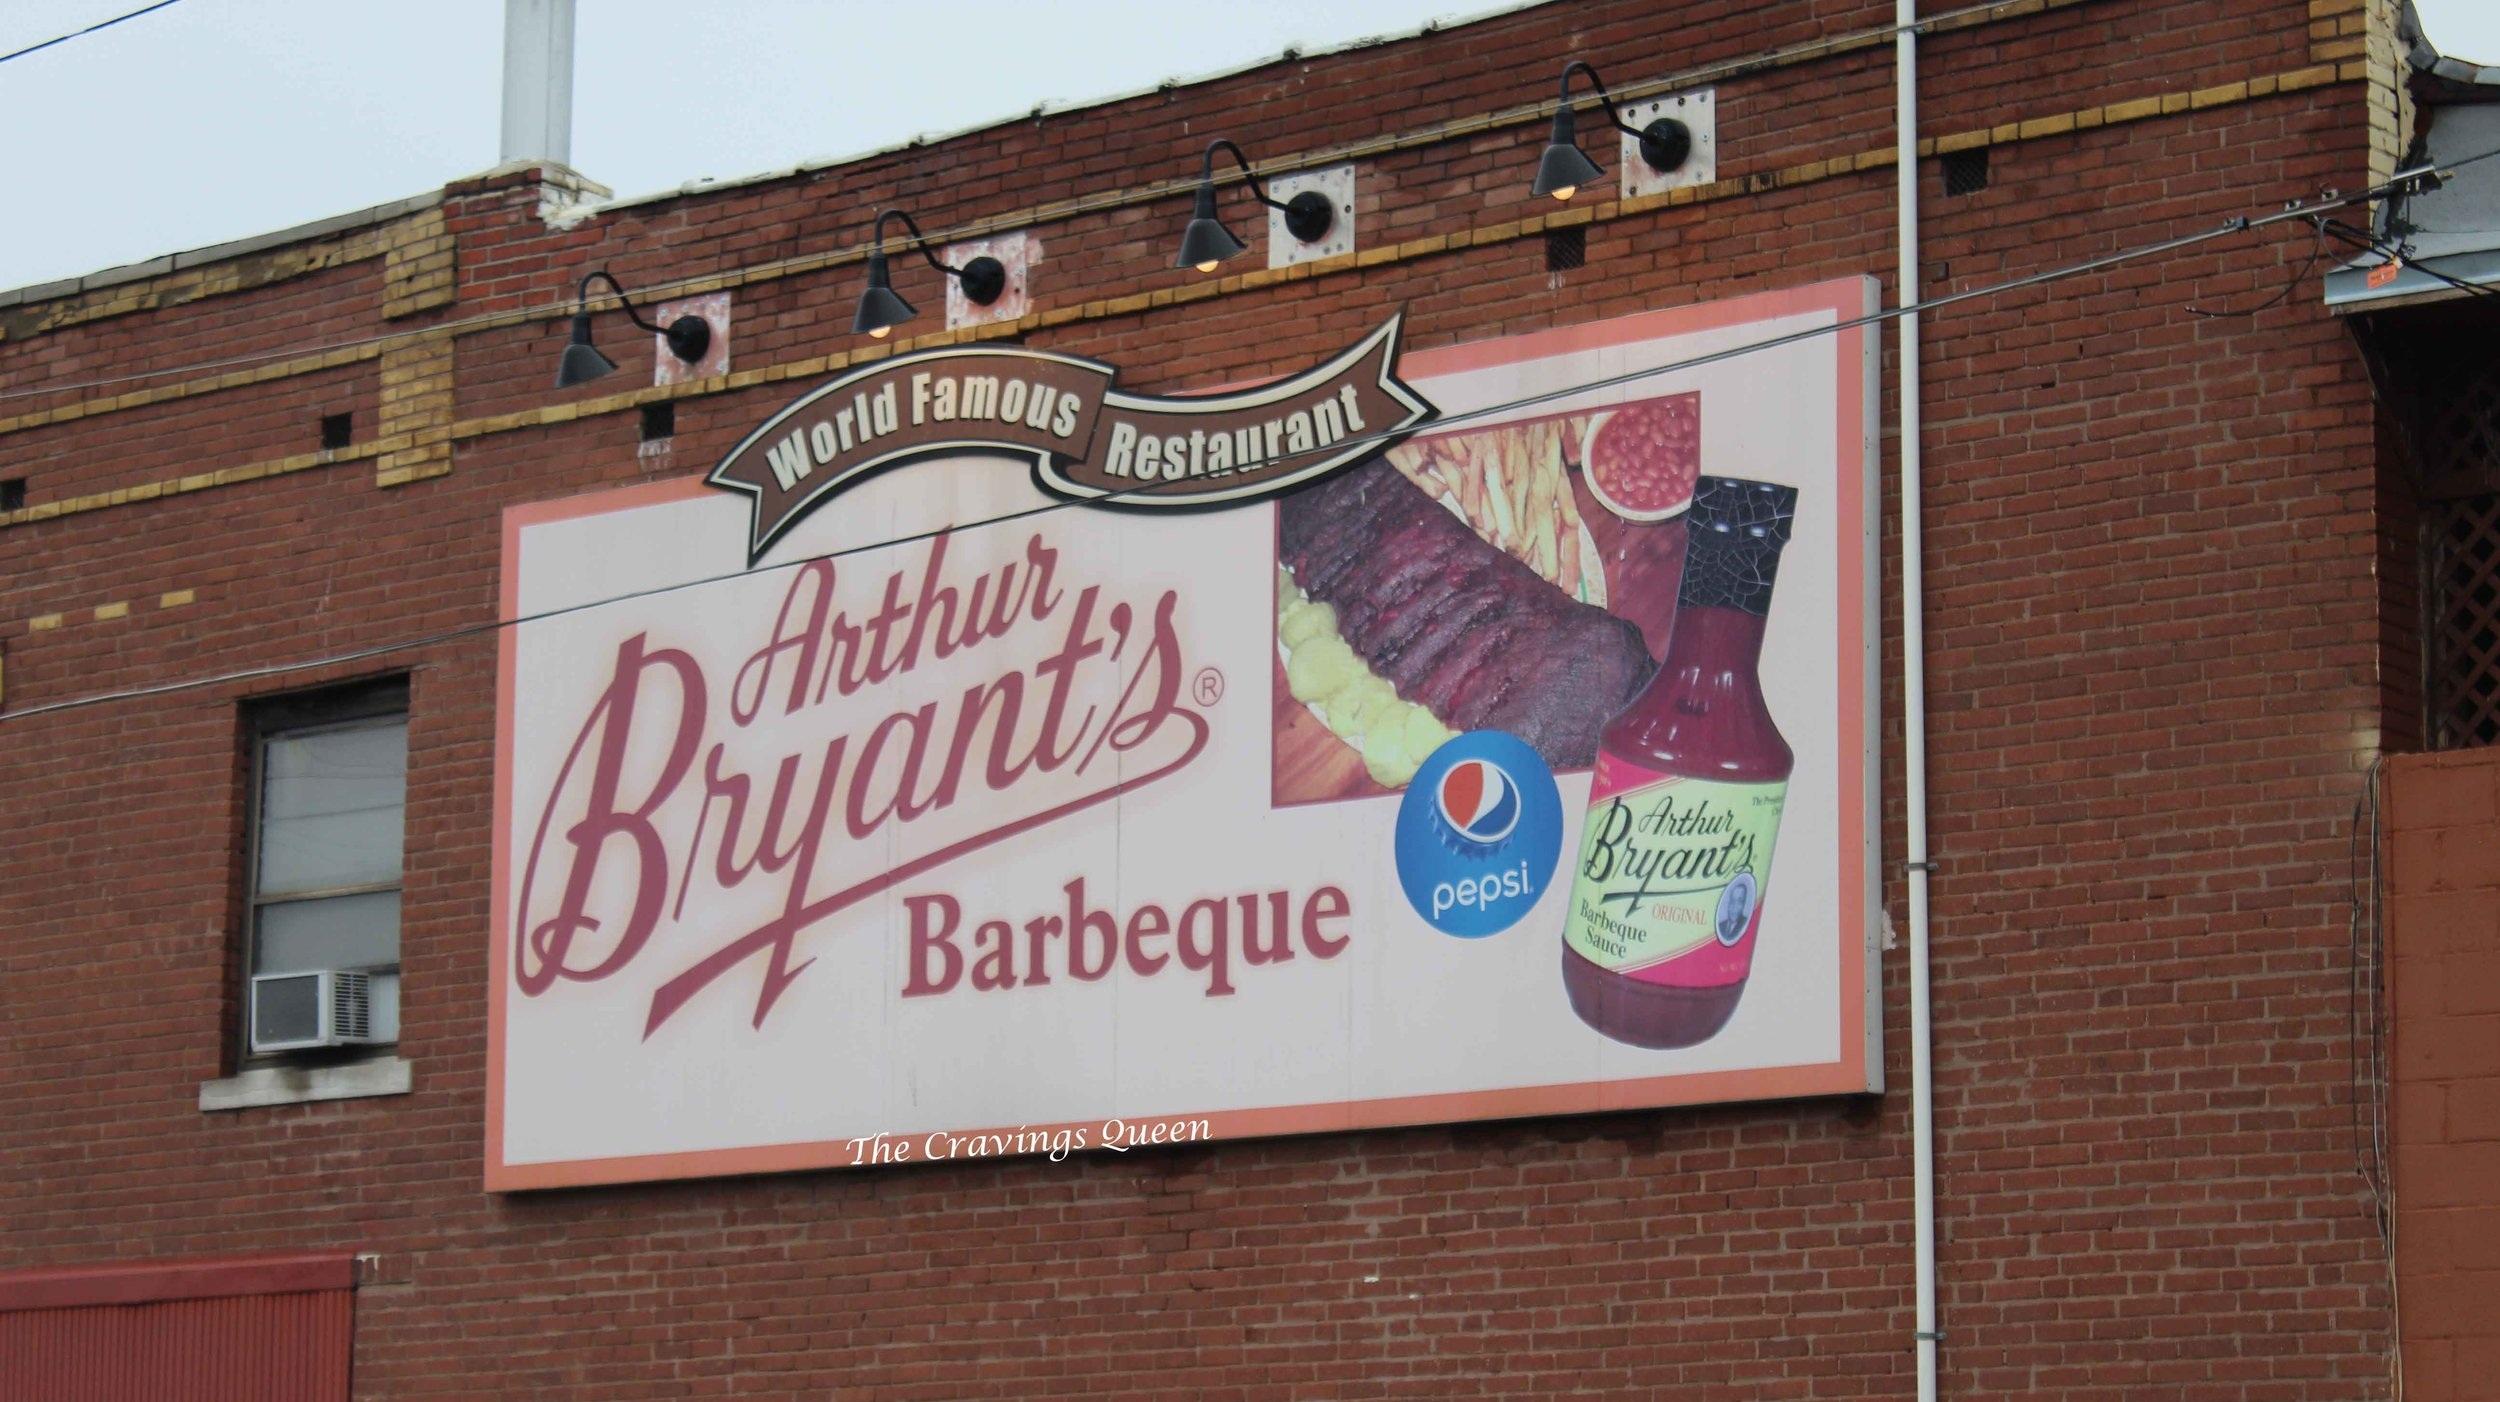 Arthur-Bryants-restaurant-2.jpg